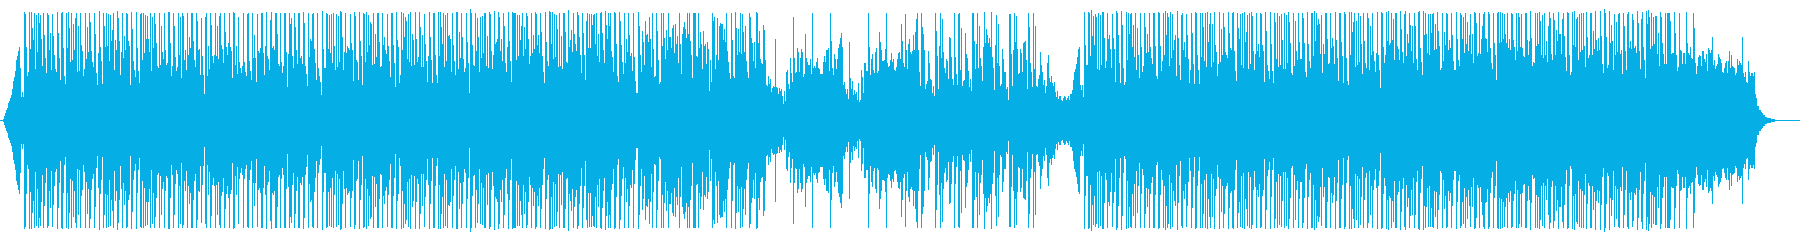 お洒落なハウスミュージックの再生済みの波形